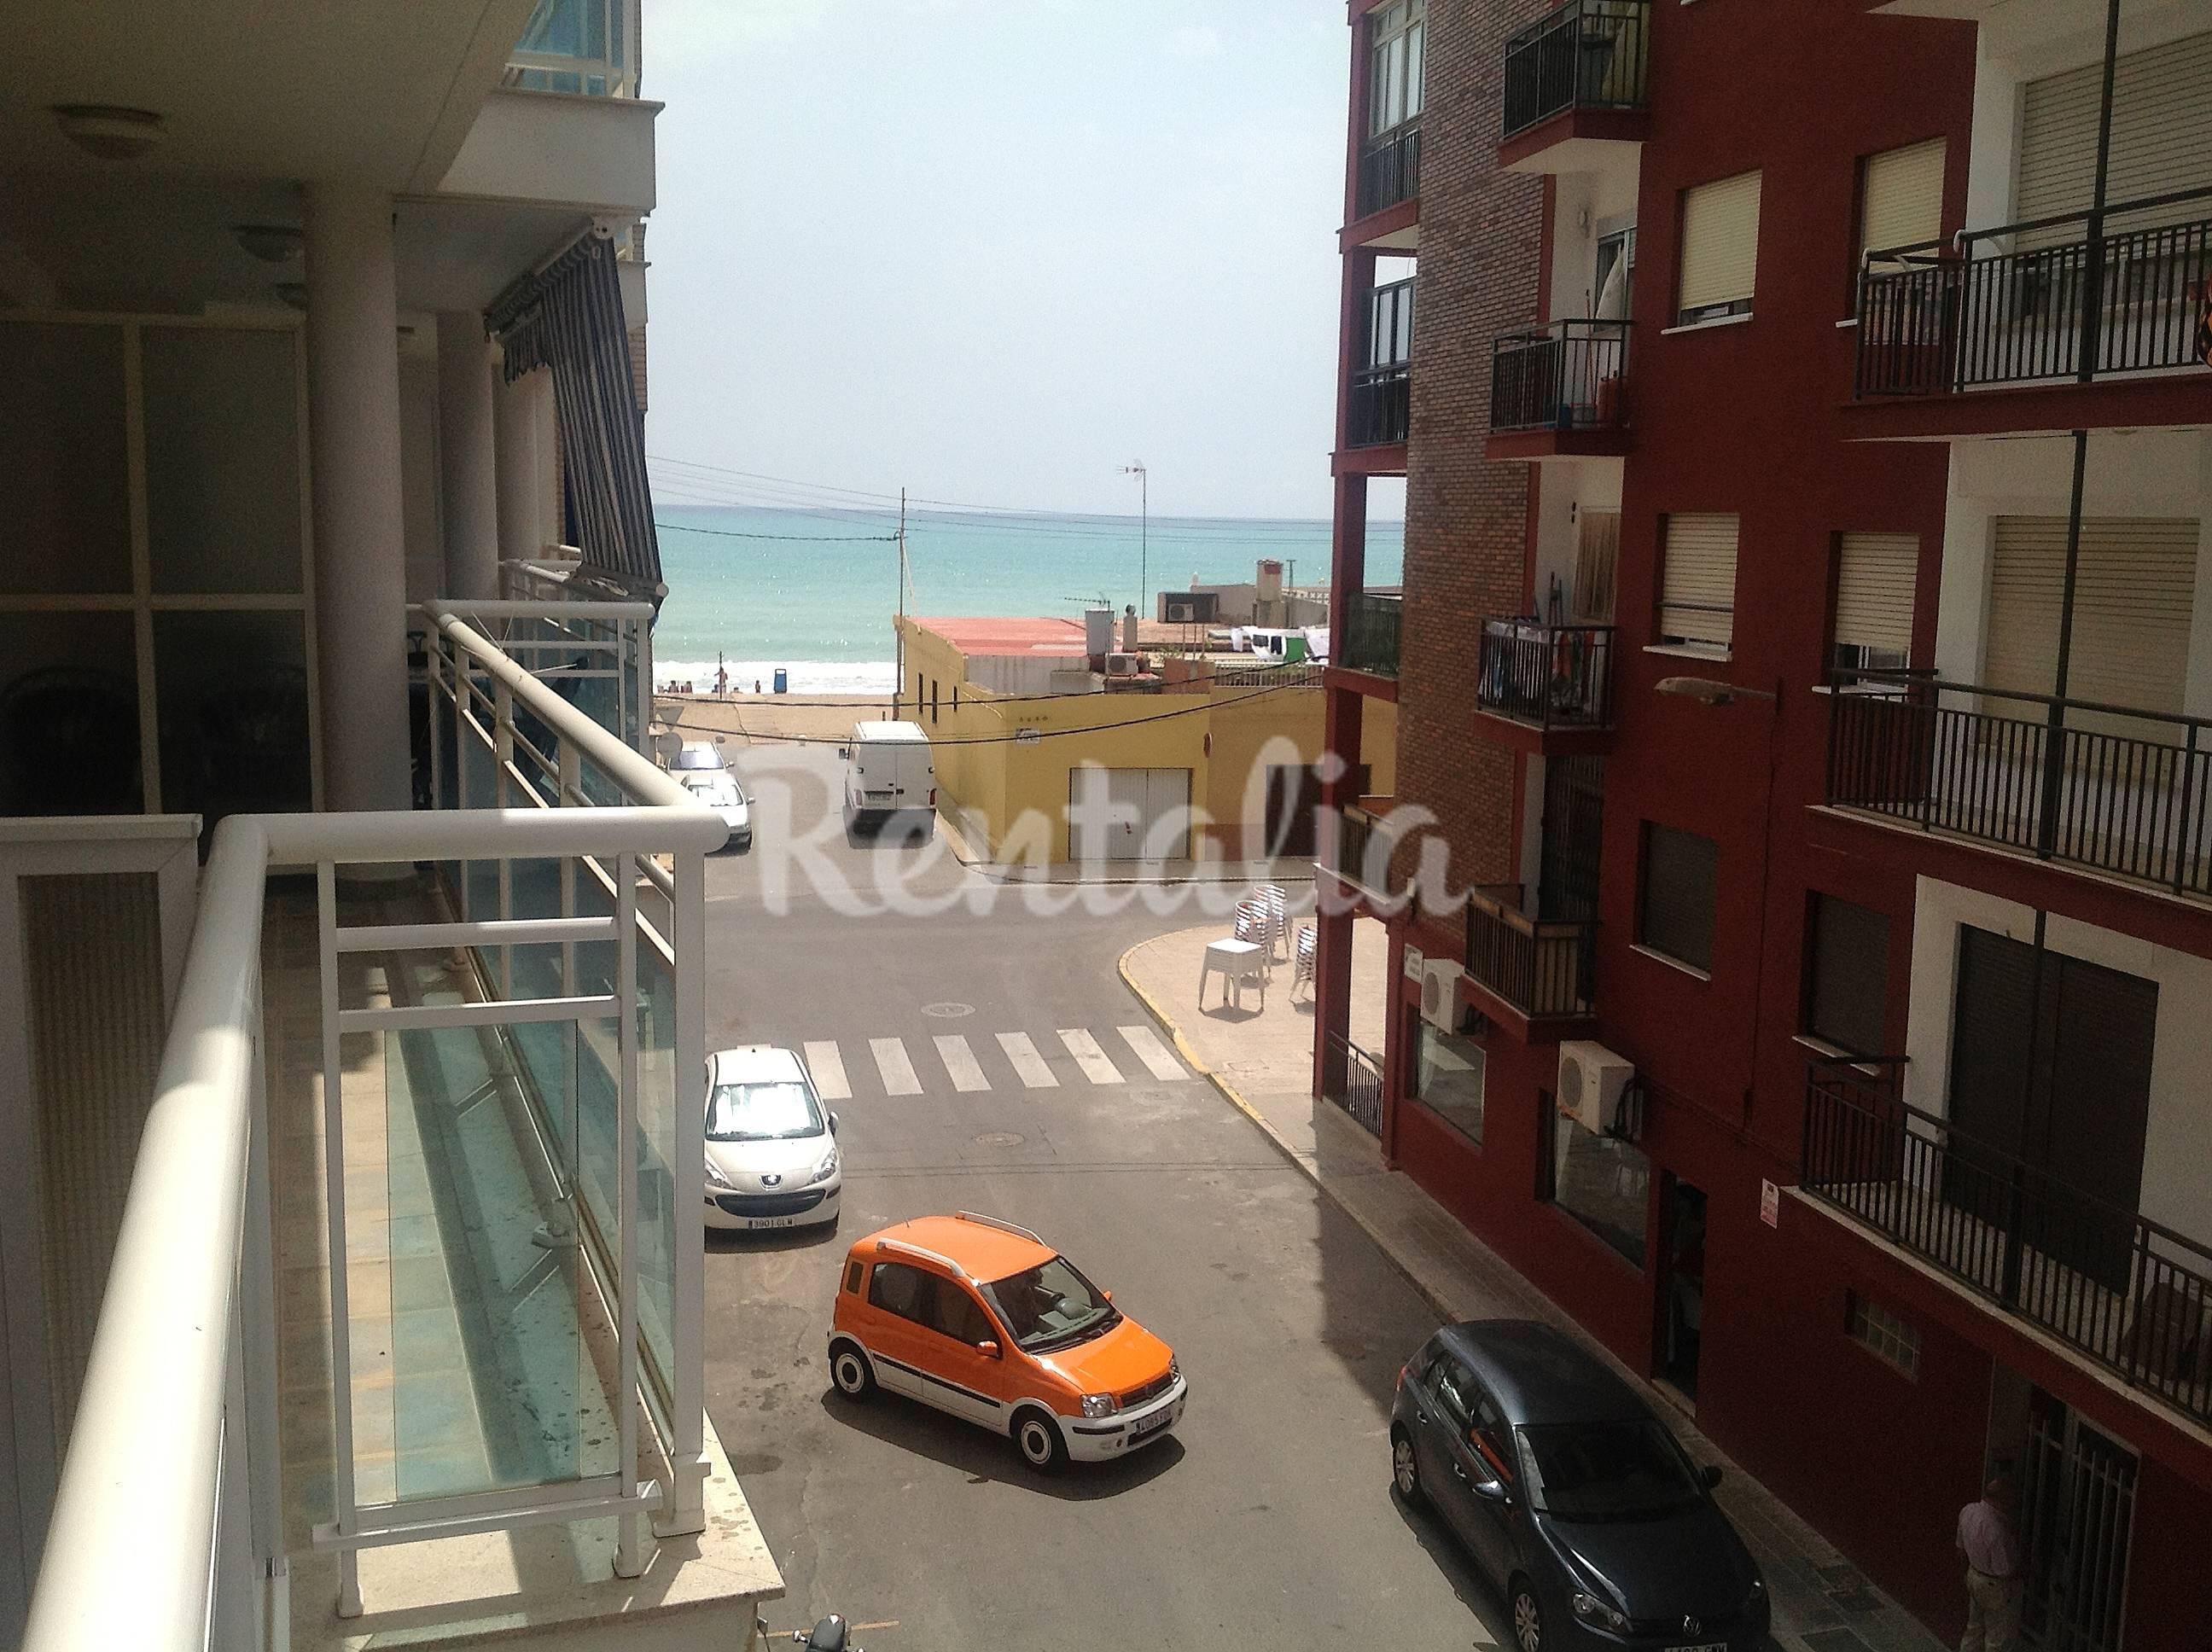 Alquiler vacaciones apartamentos y casas rurales en playa de nules nules - Apartamentos baratos vacaciones playa ...